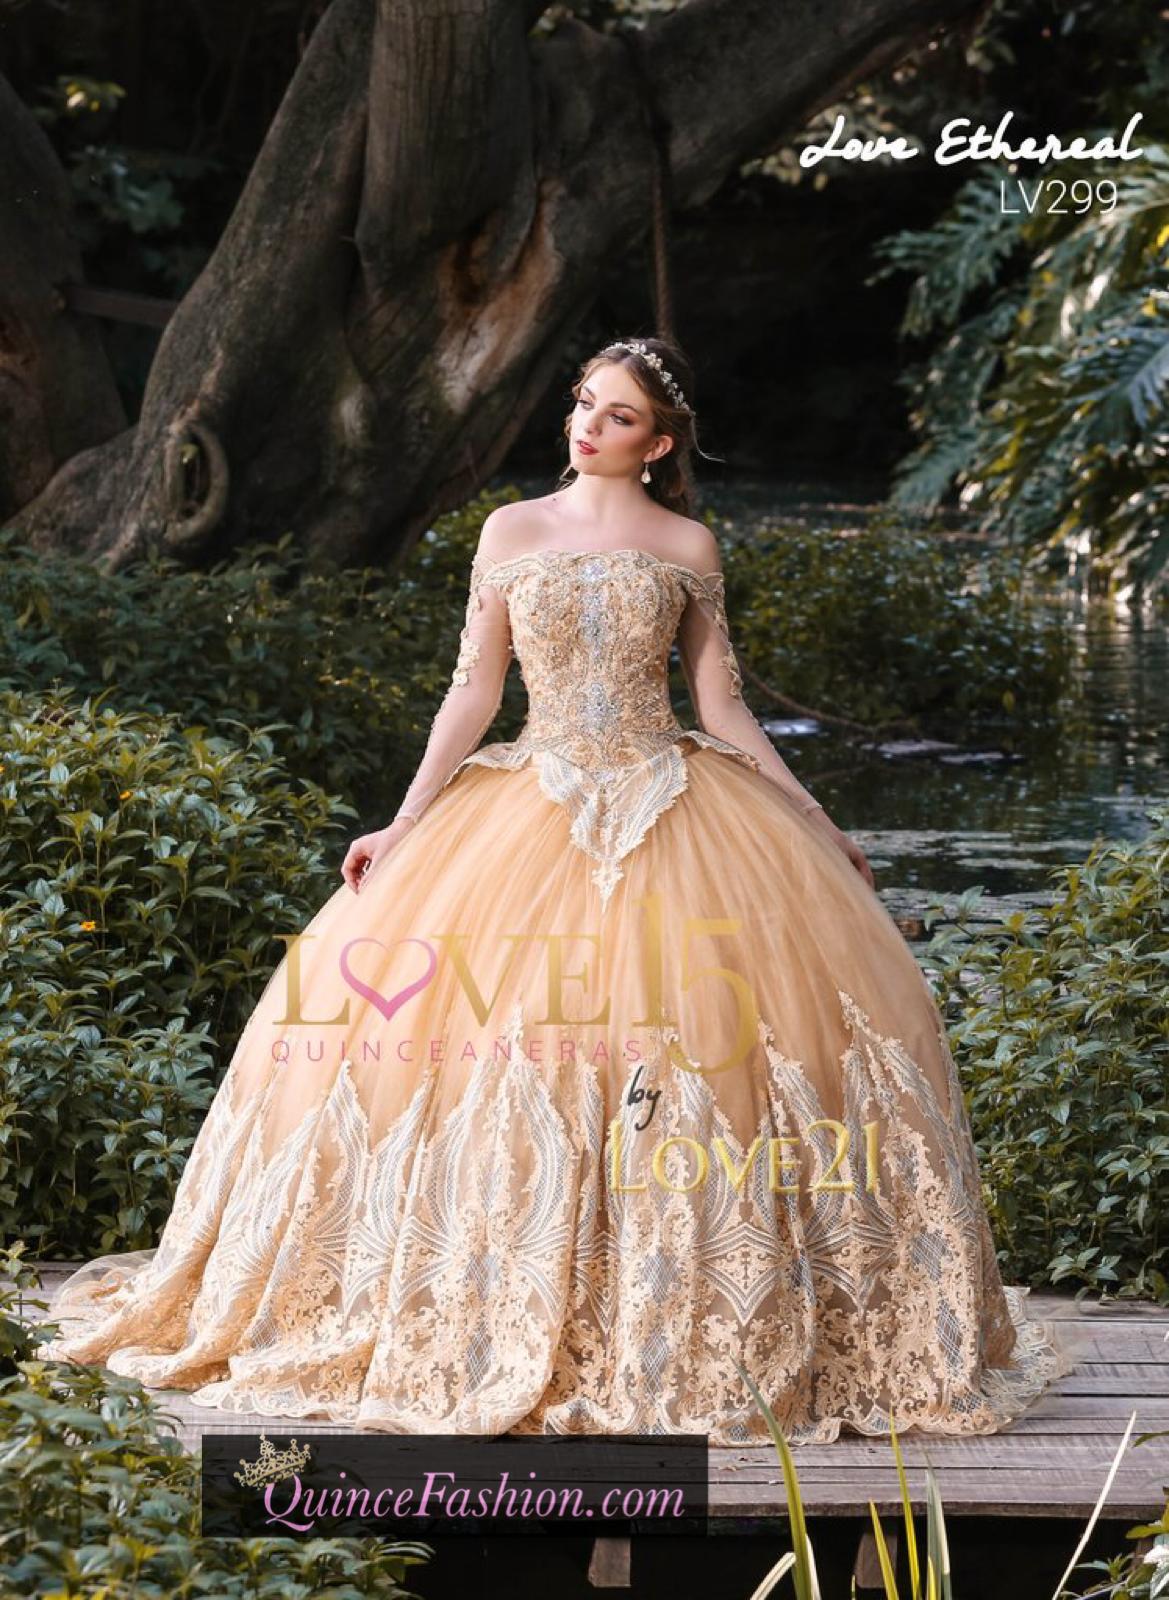 2735815ad Quinceañera dress LV299 Love 21 Quinceanera Dresses